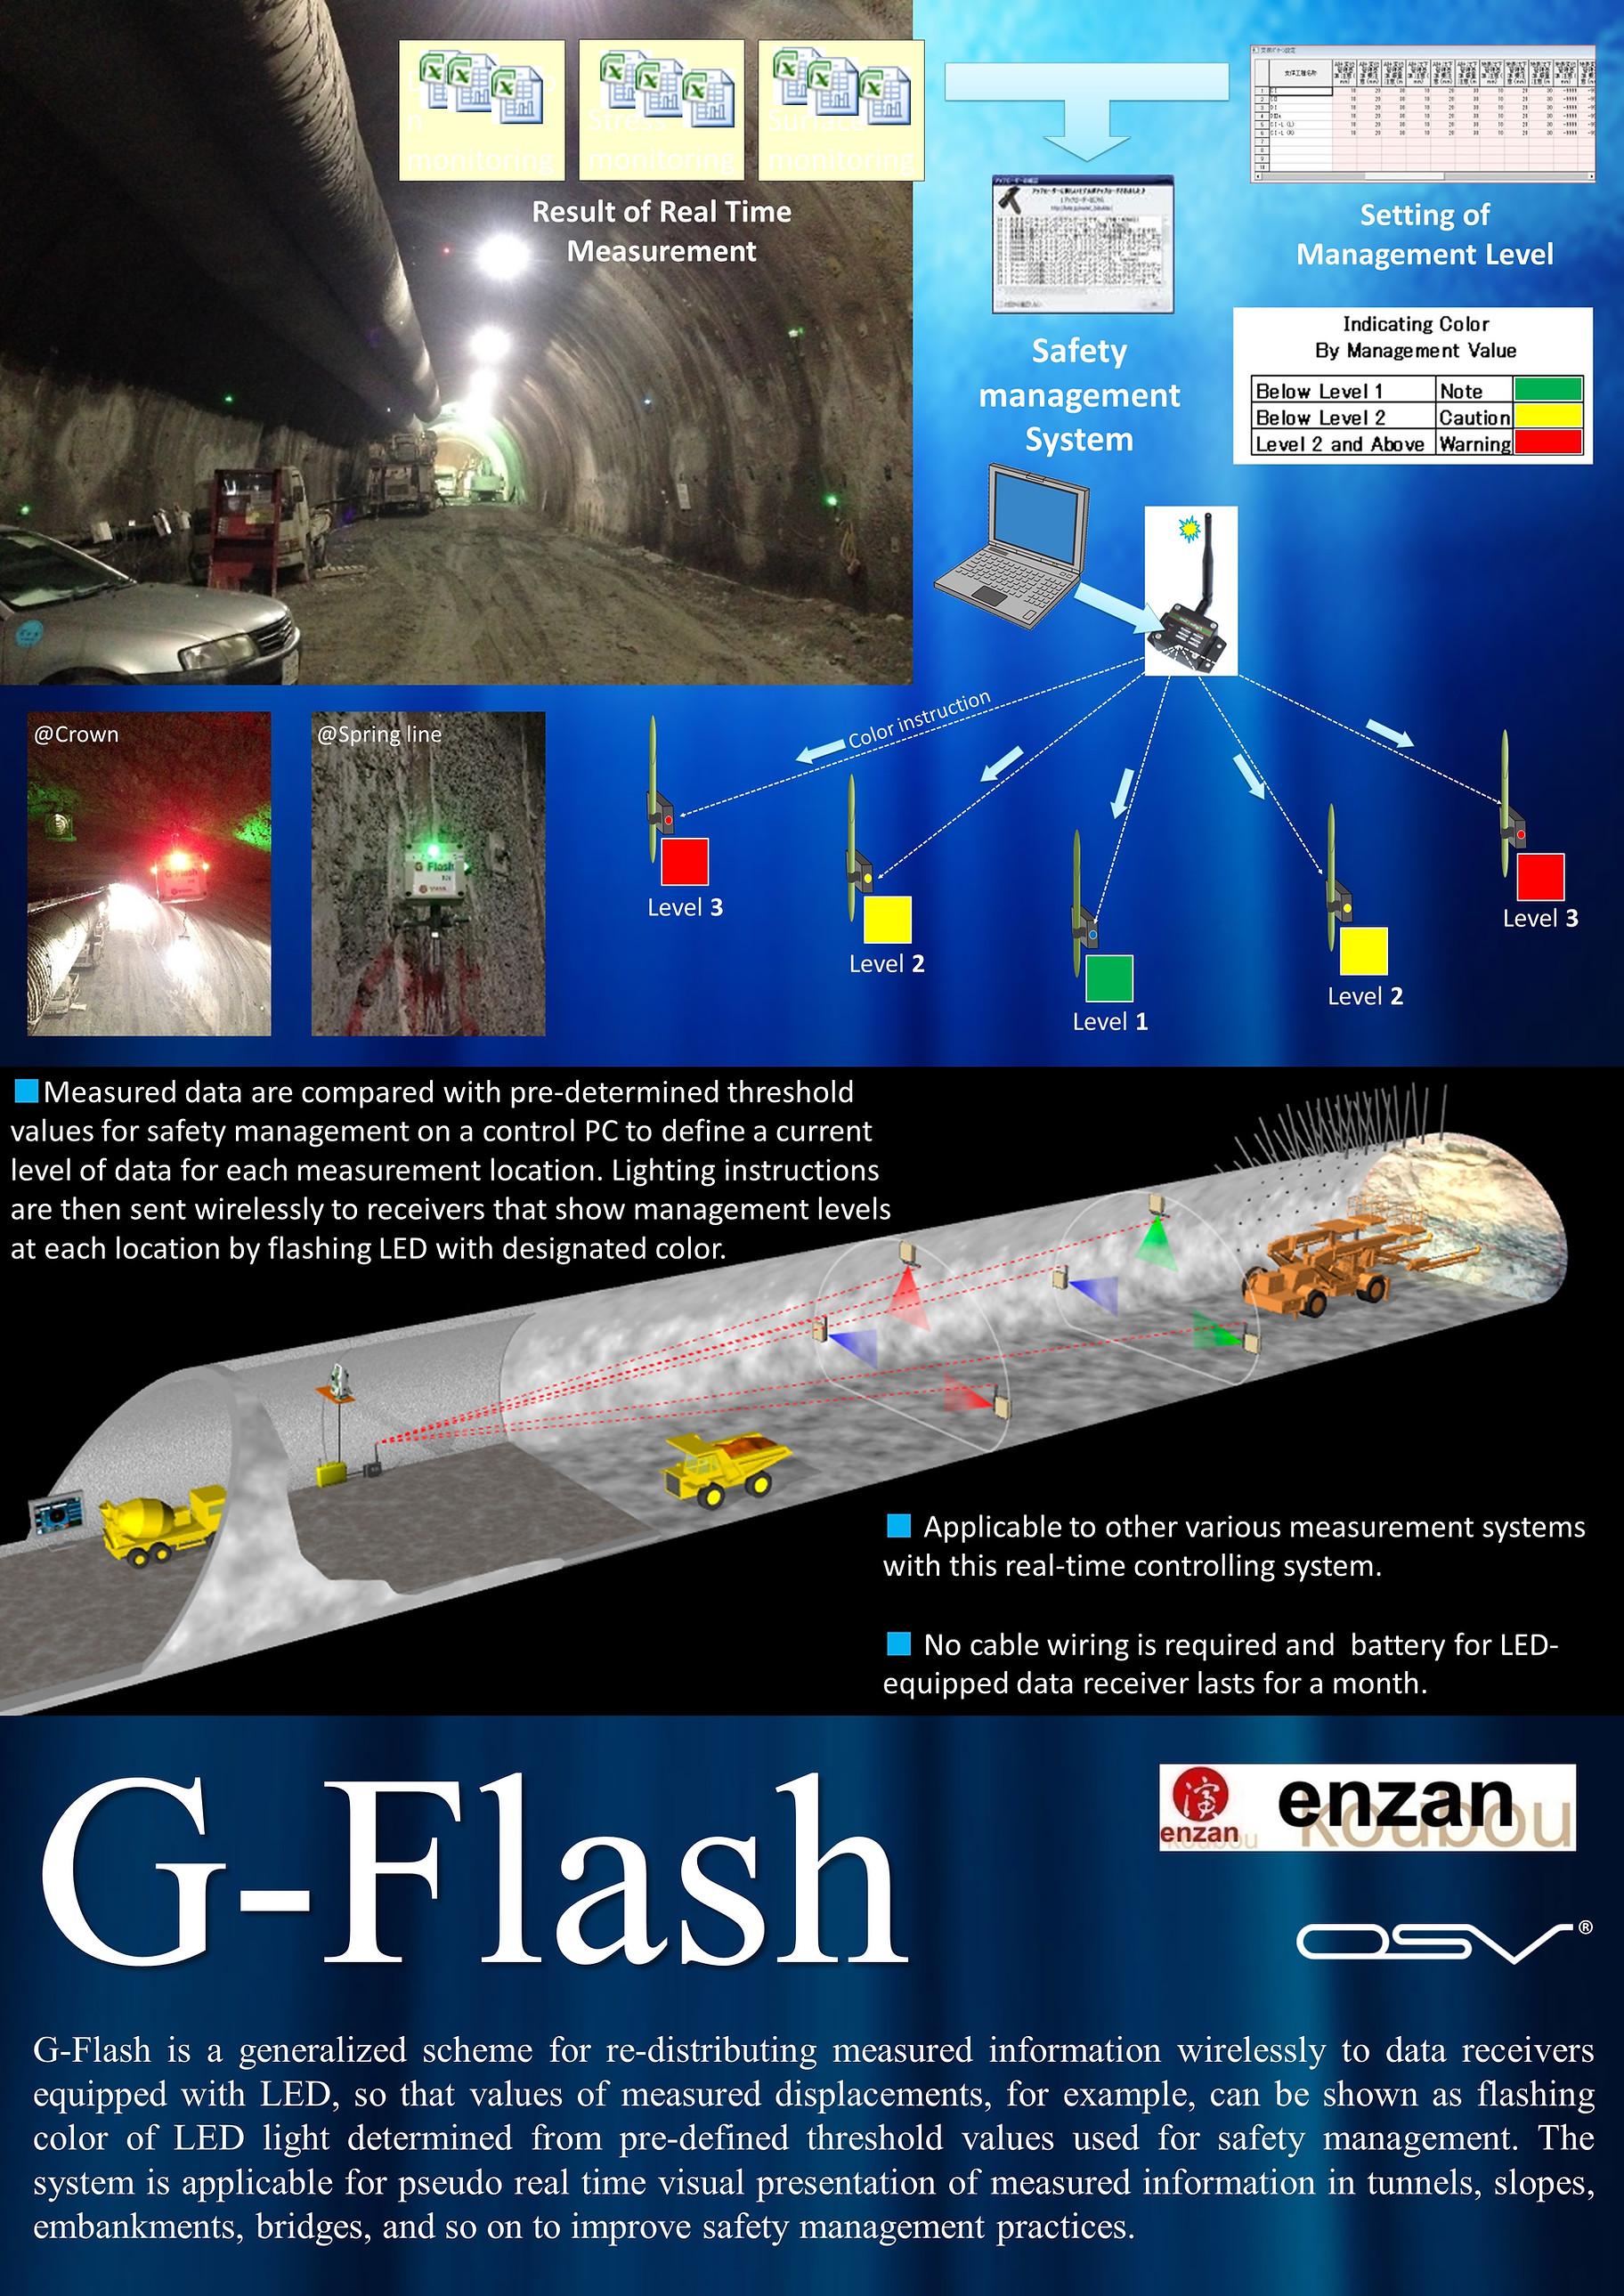 GFlash.JPG